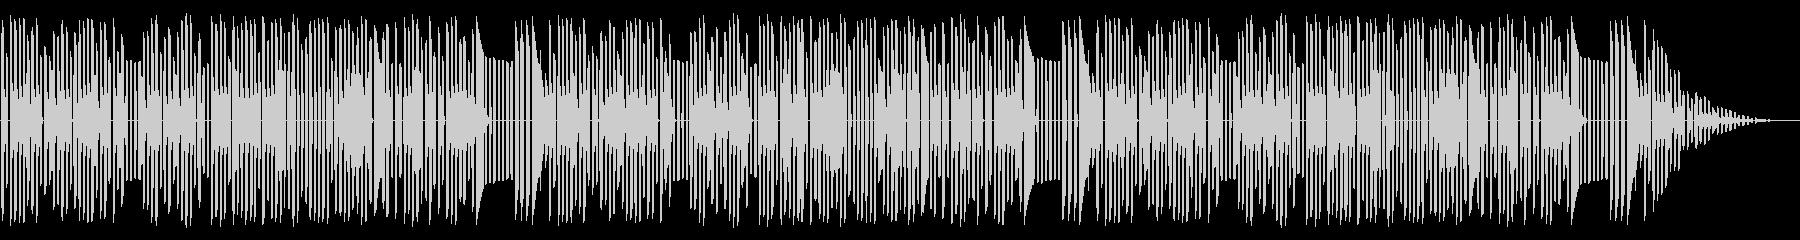 NES 汎用 C03-1(ステージ2) の未再生の波形